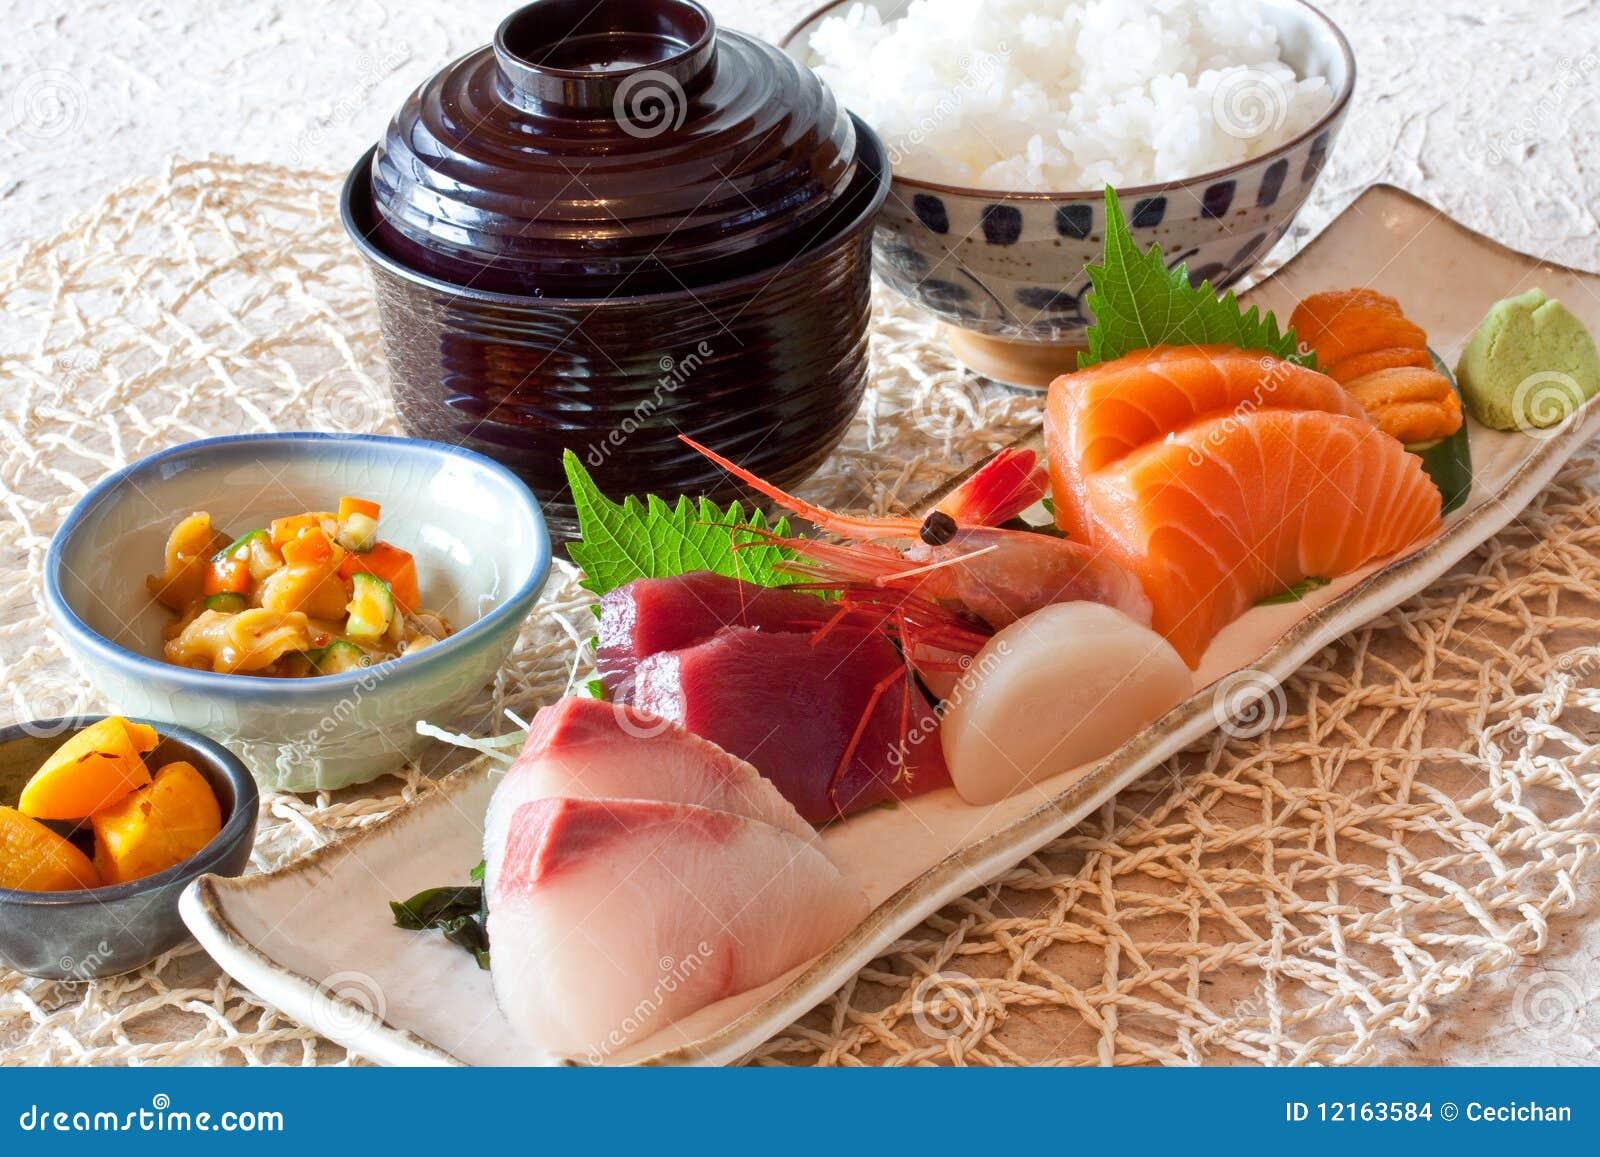 Japanese Dishes Sushi amp Rice Dinning Set Stock Images